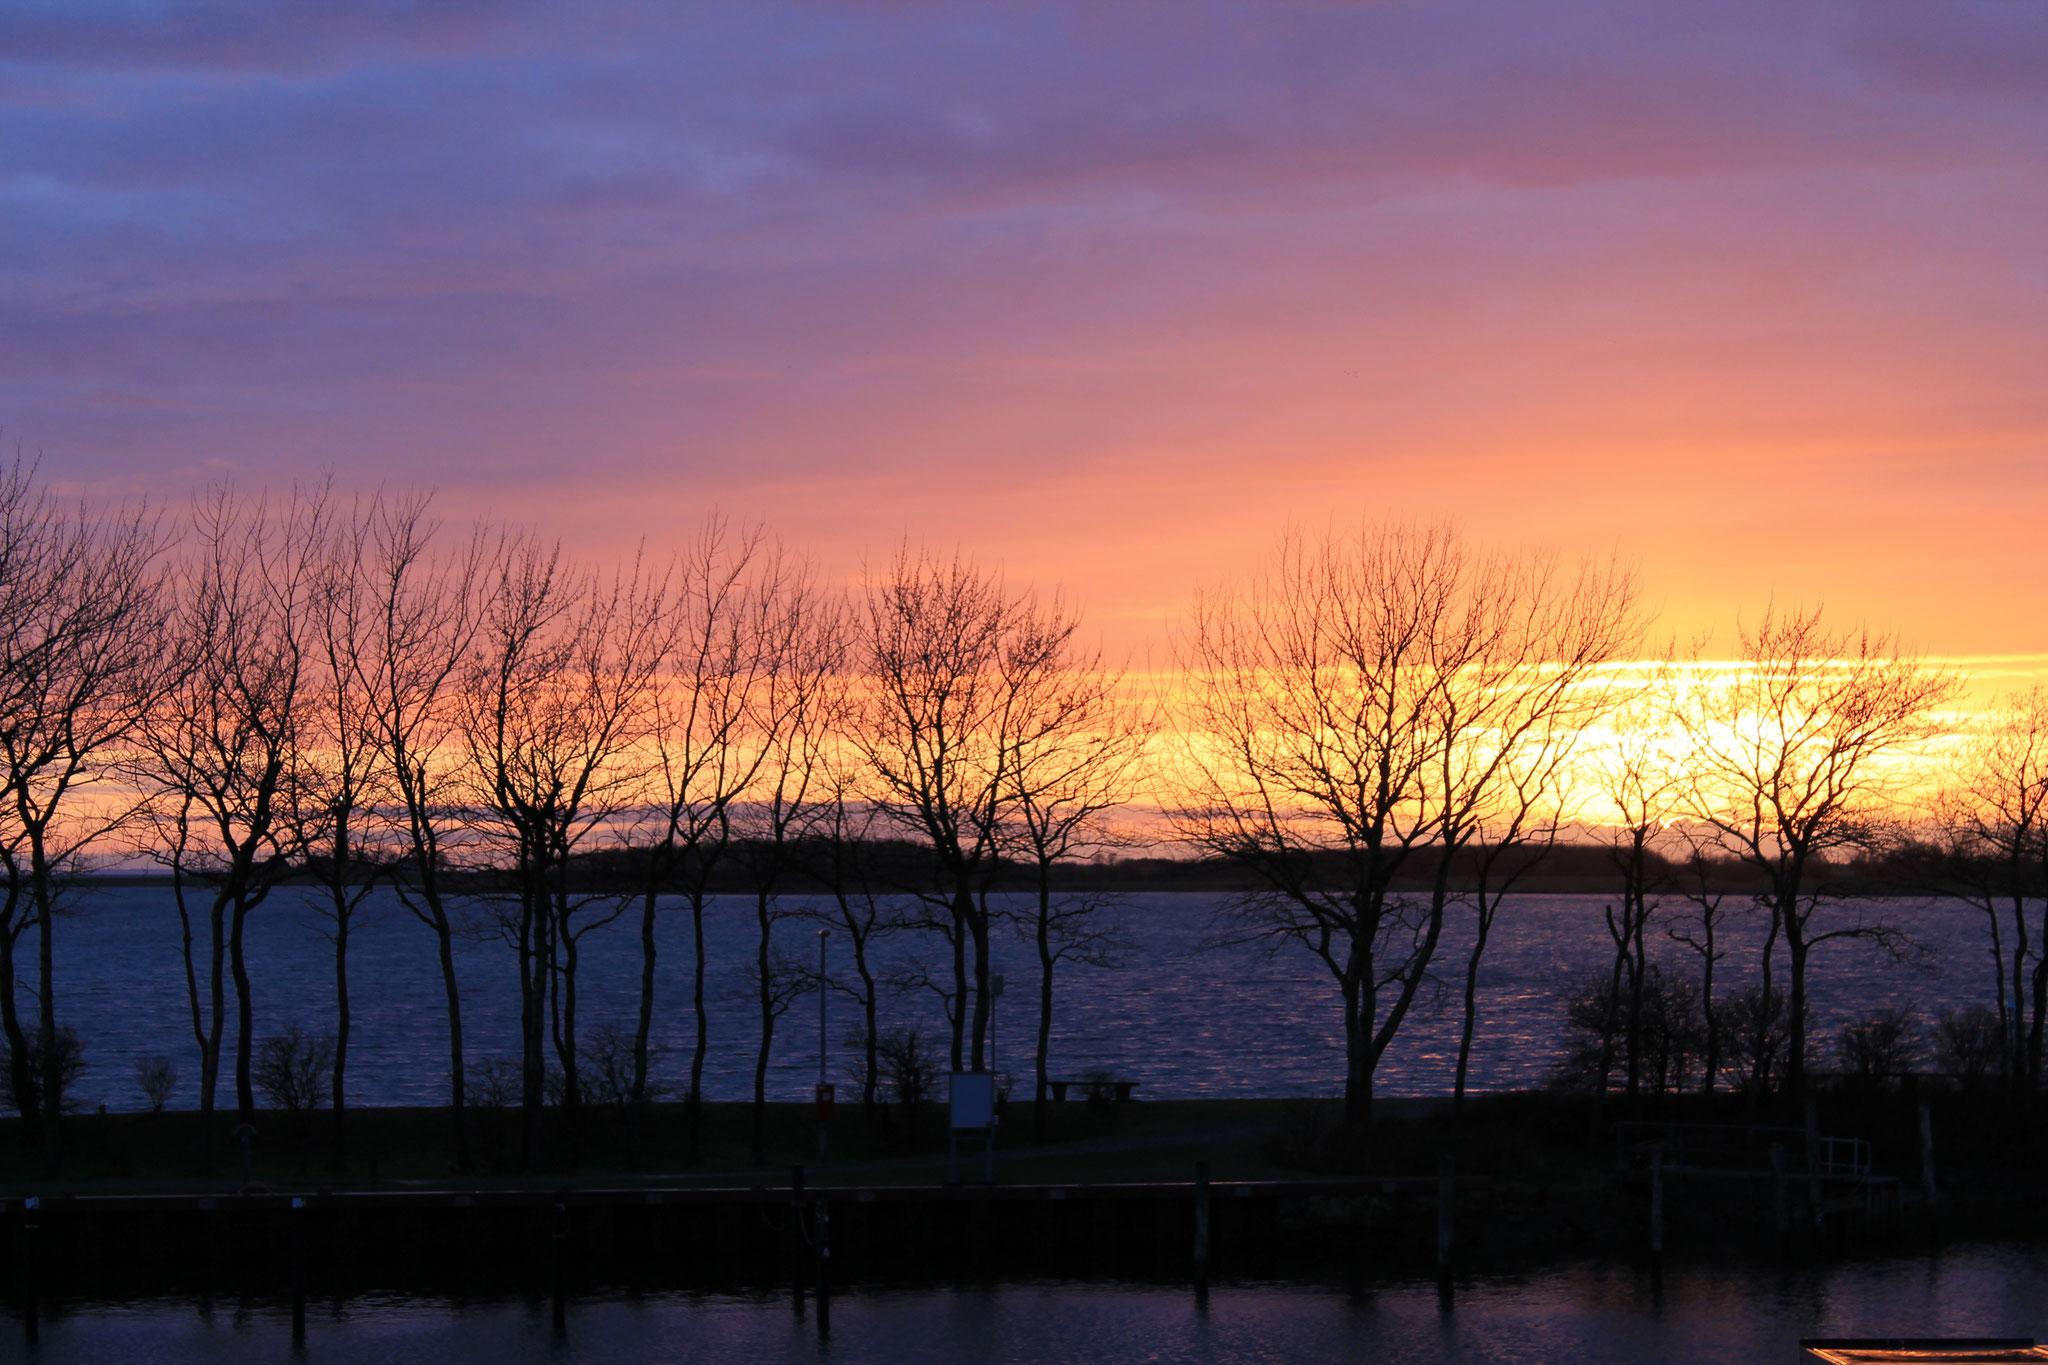 Sonnenuntergang im Hafen Orth auf Fehmarn